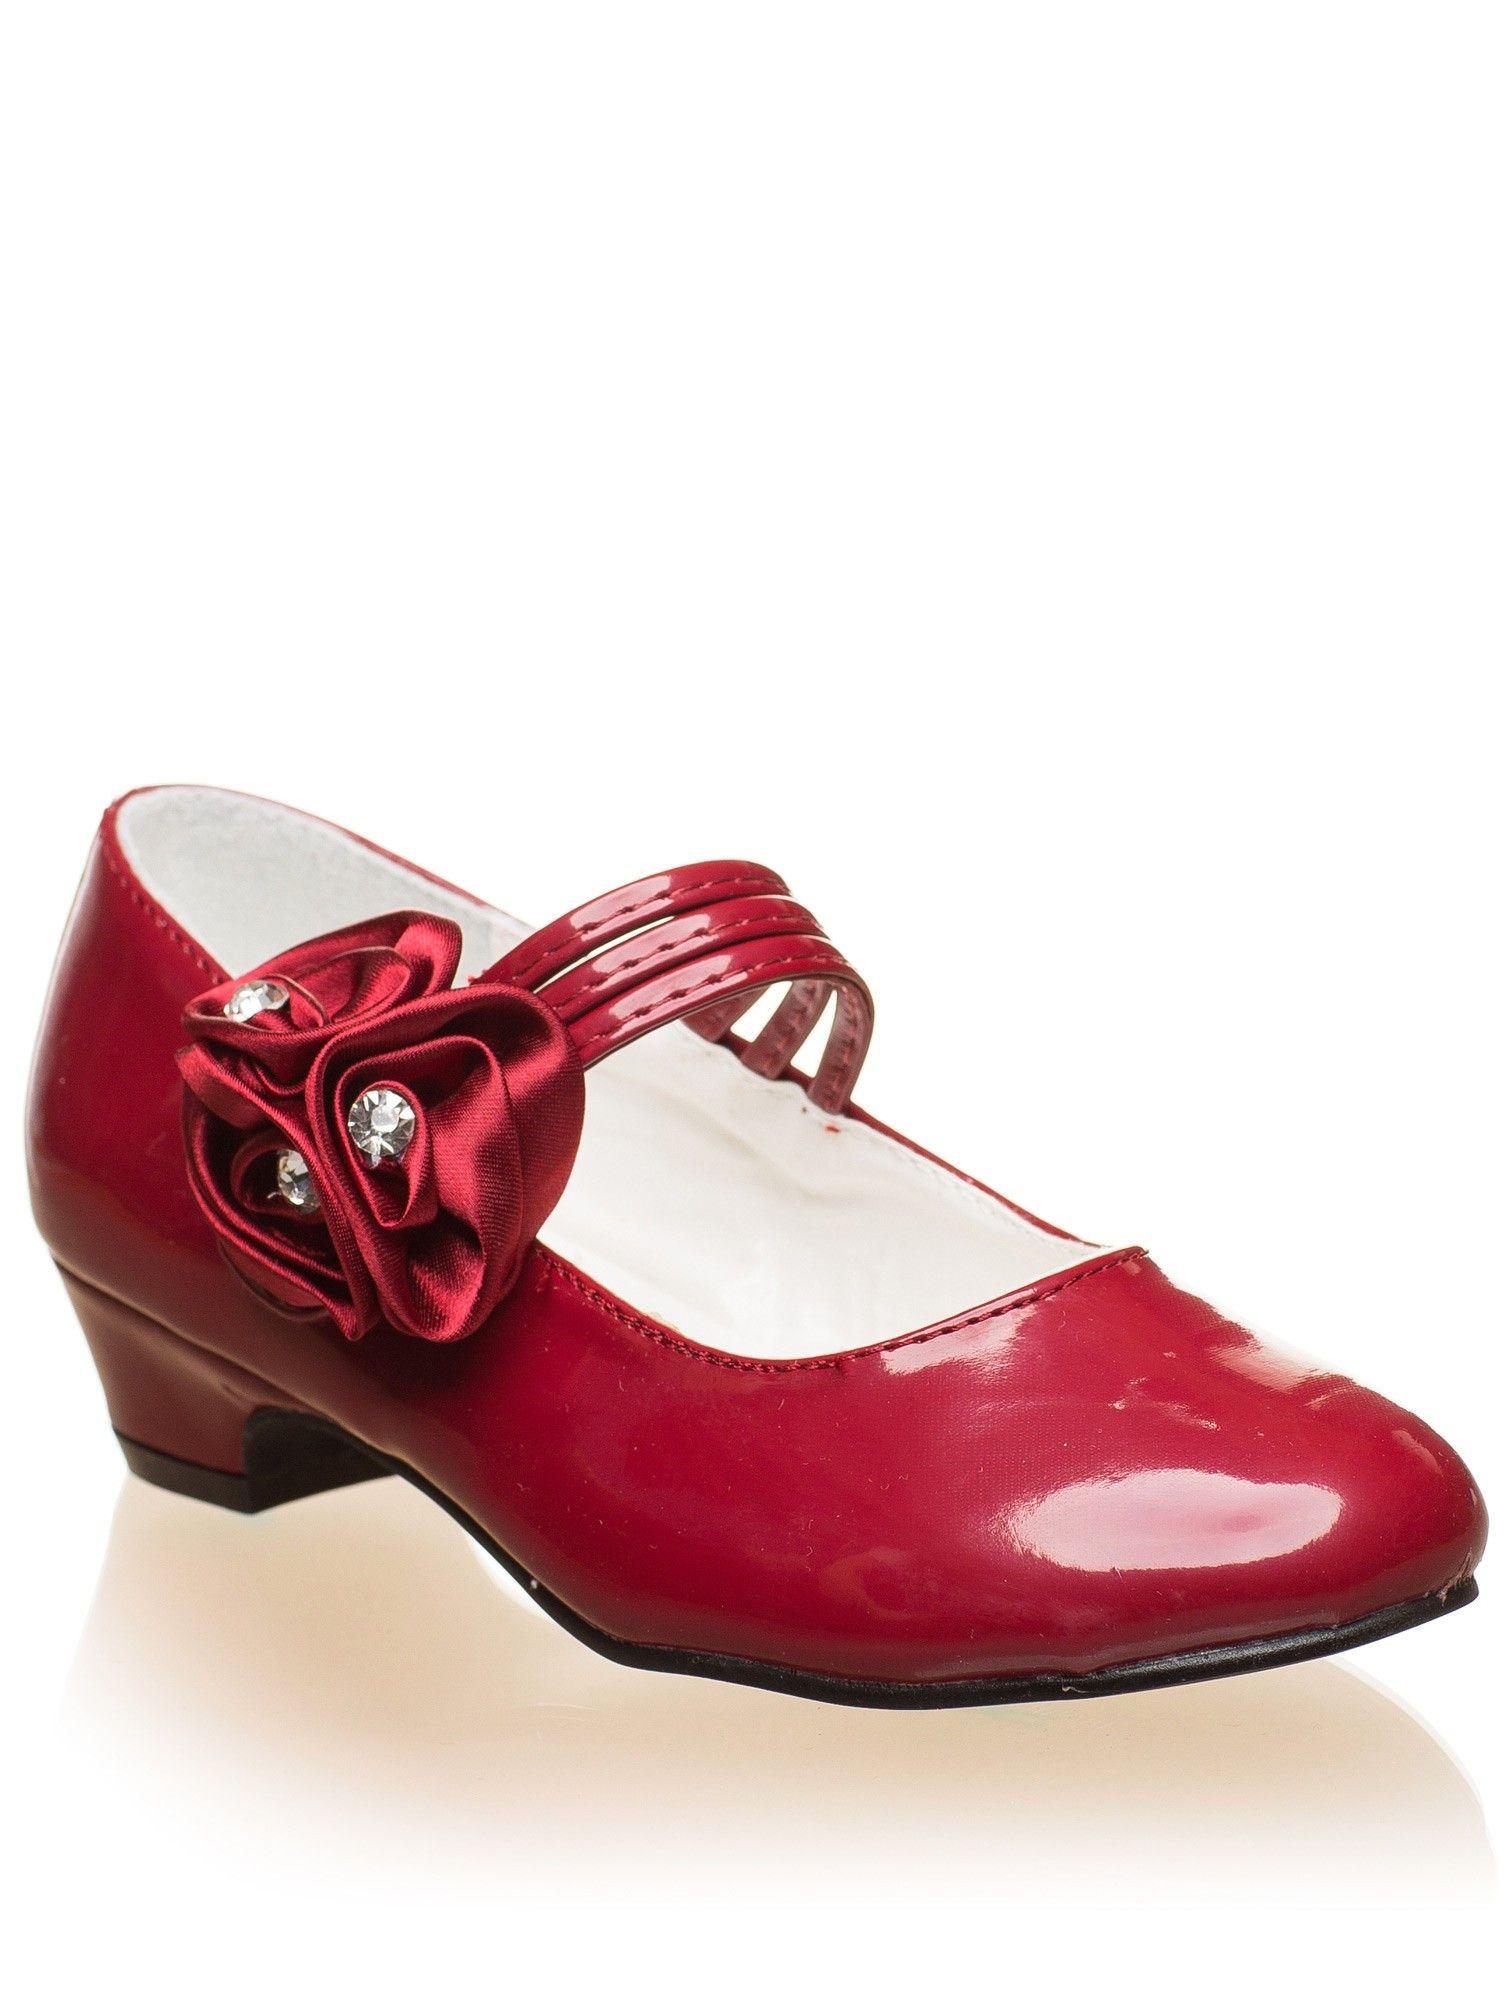 Girls burgundy shoes | Flower girl